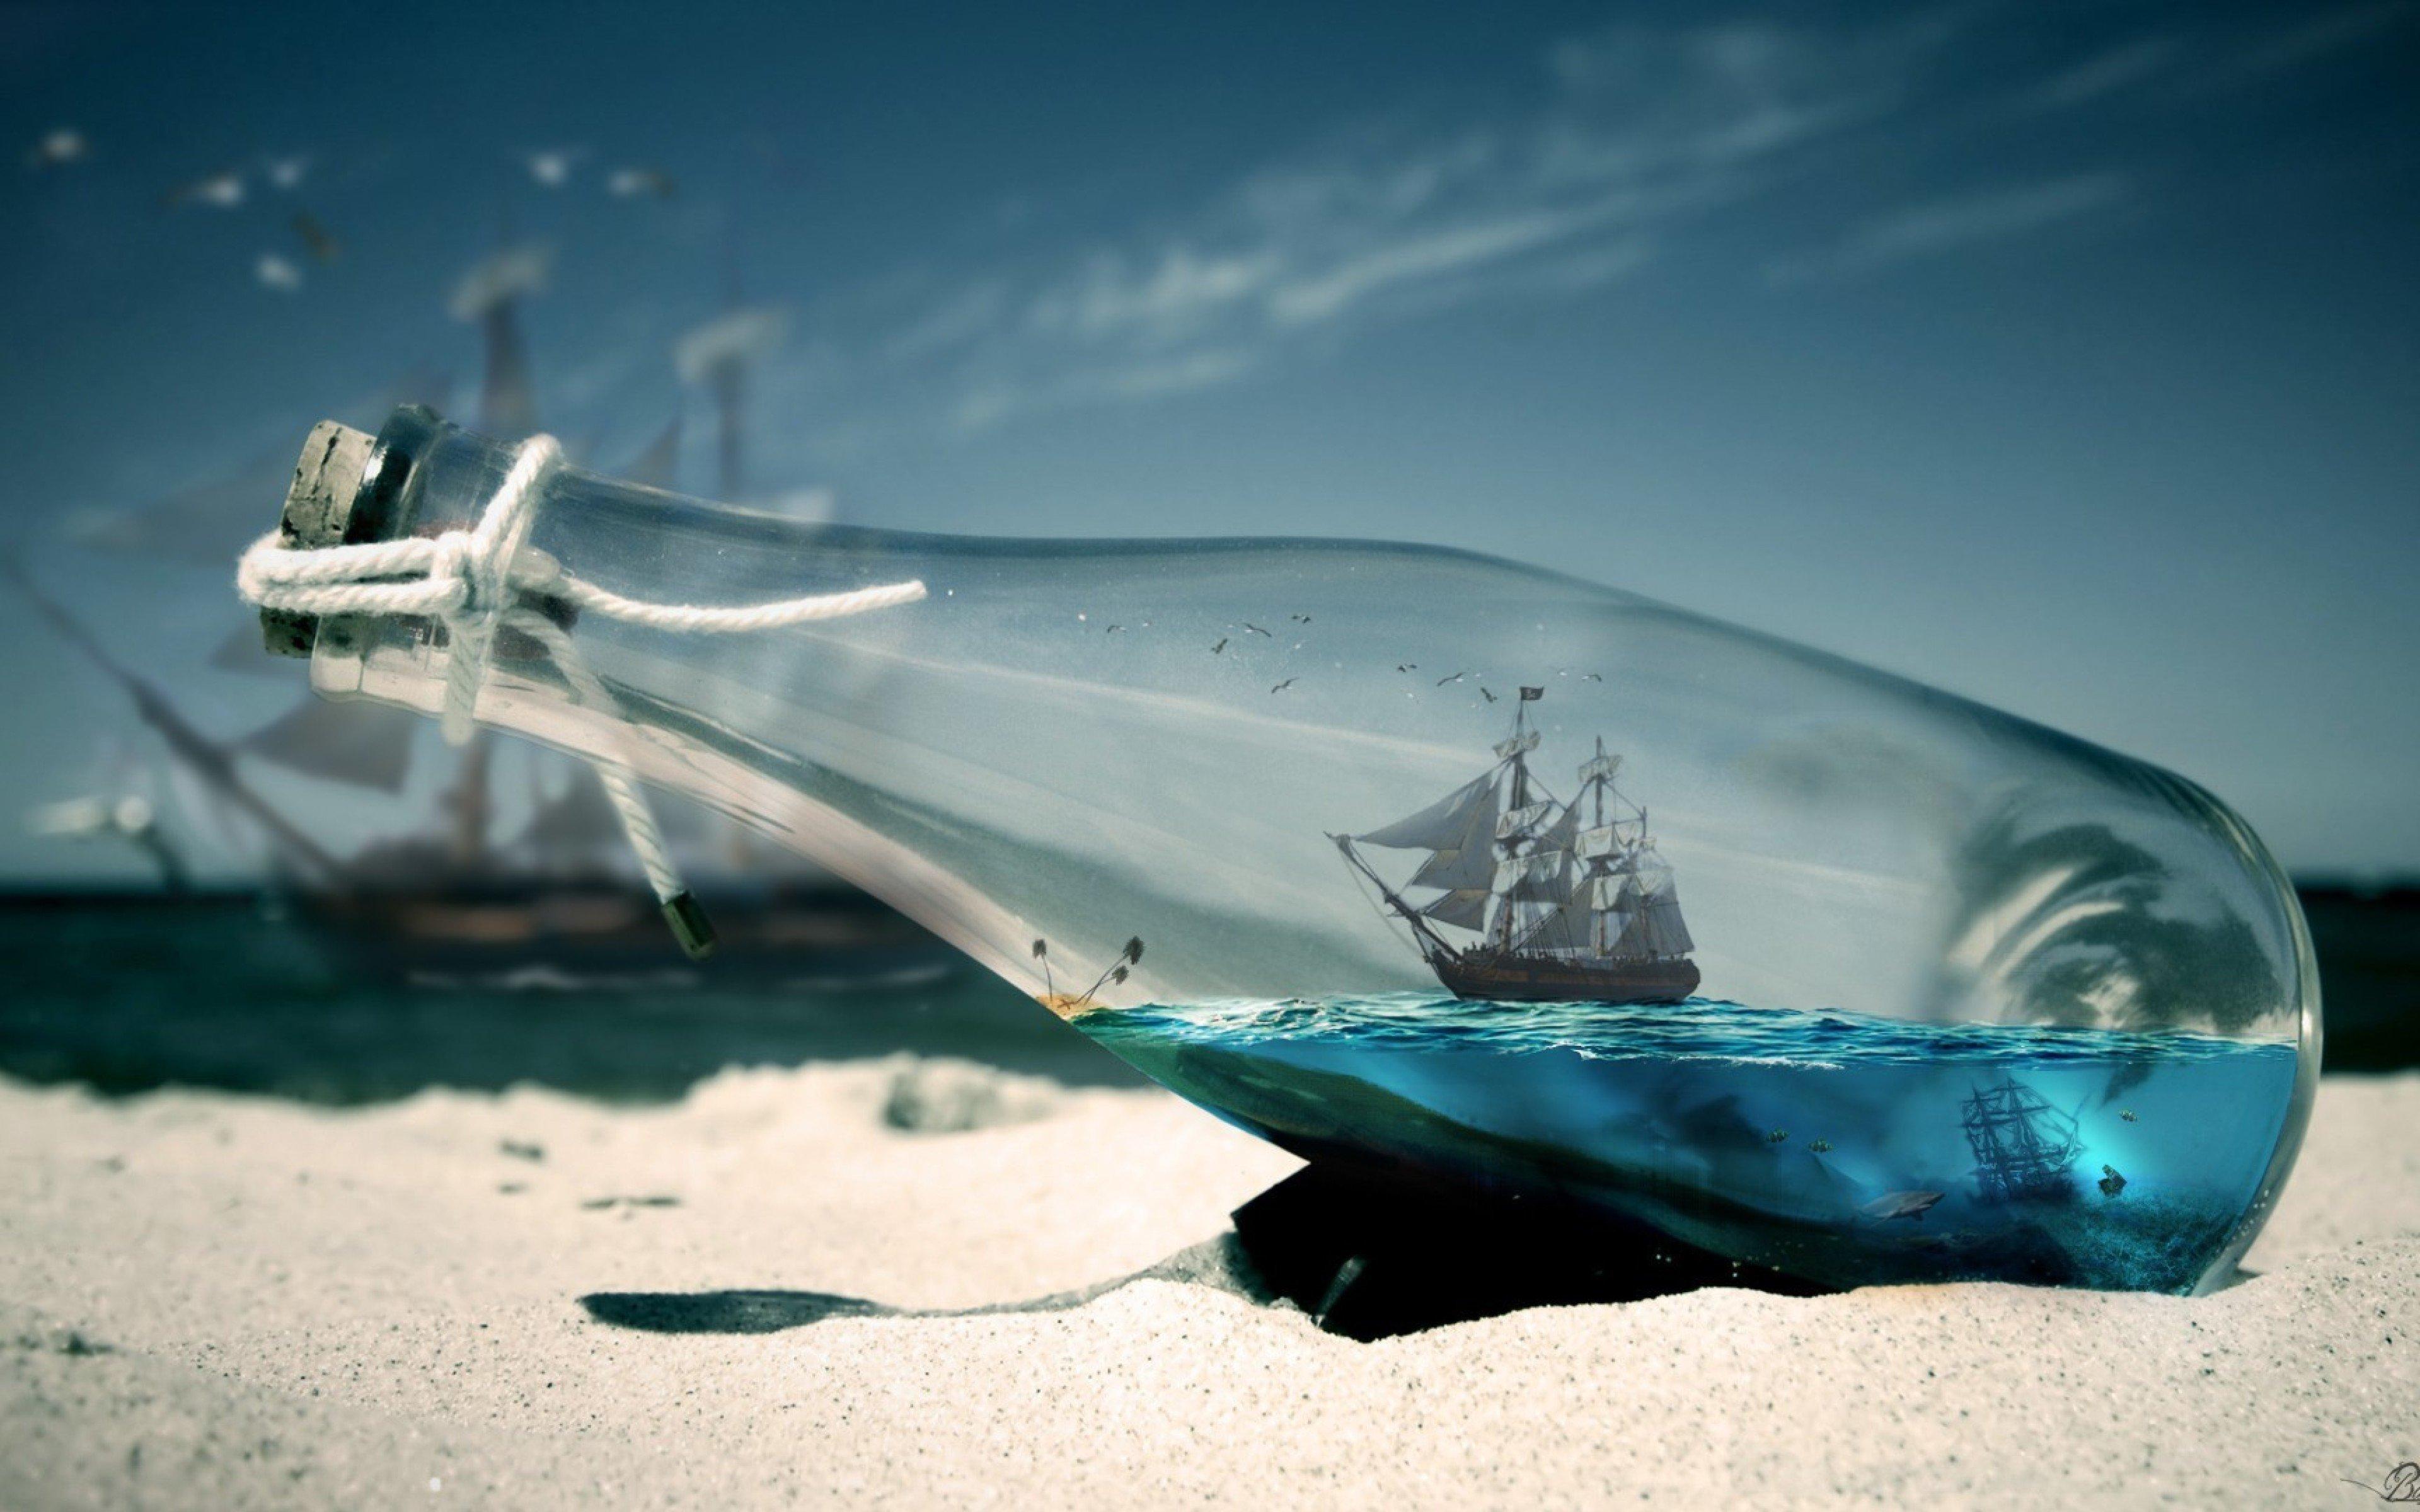 Wallpaper Ship in the sea inside a bottle